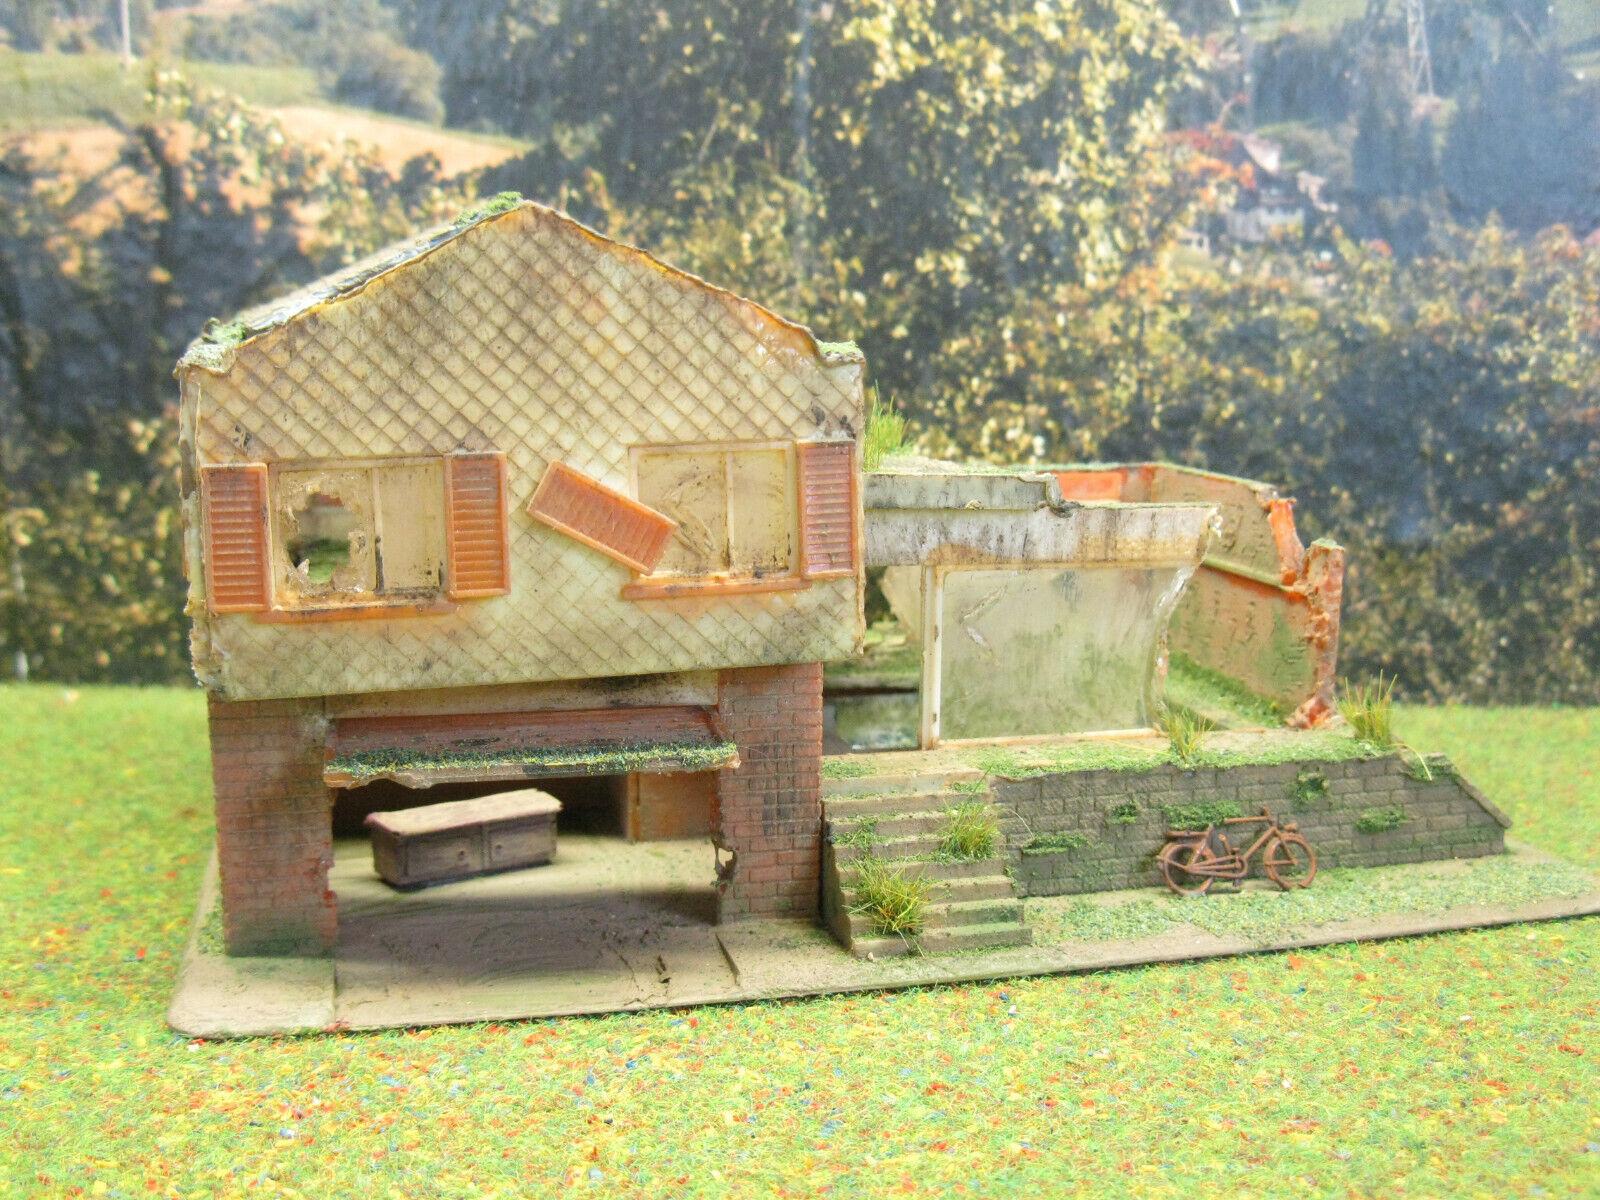 Lost Places  Haus Landschaftsbau Modellbau Diorama Modelleisenbahn H0 1 87